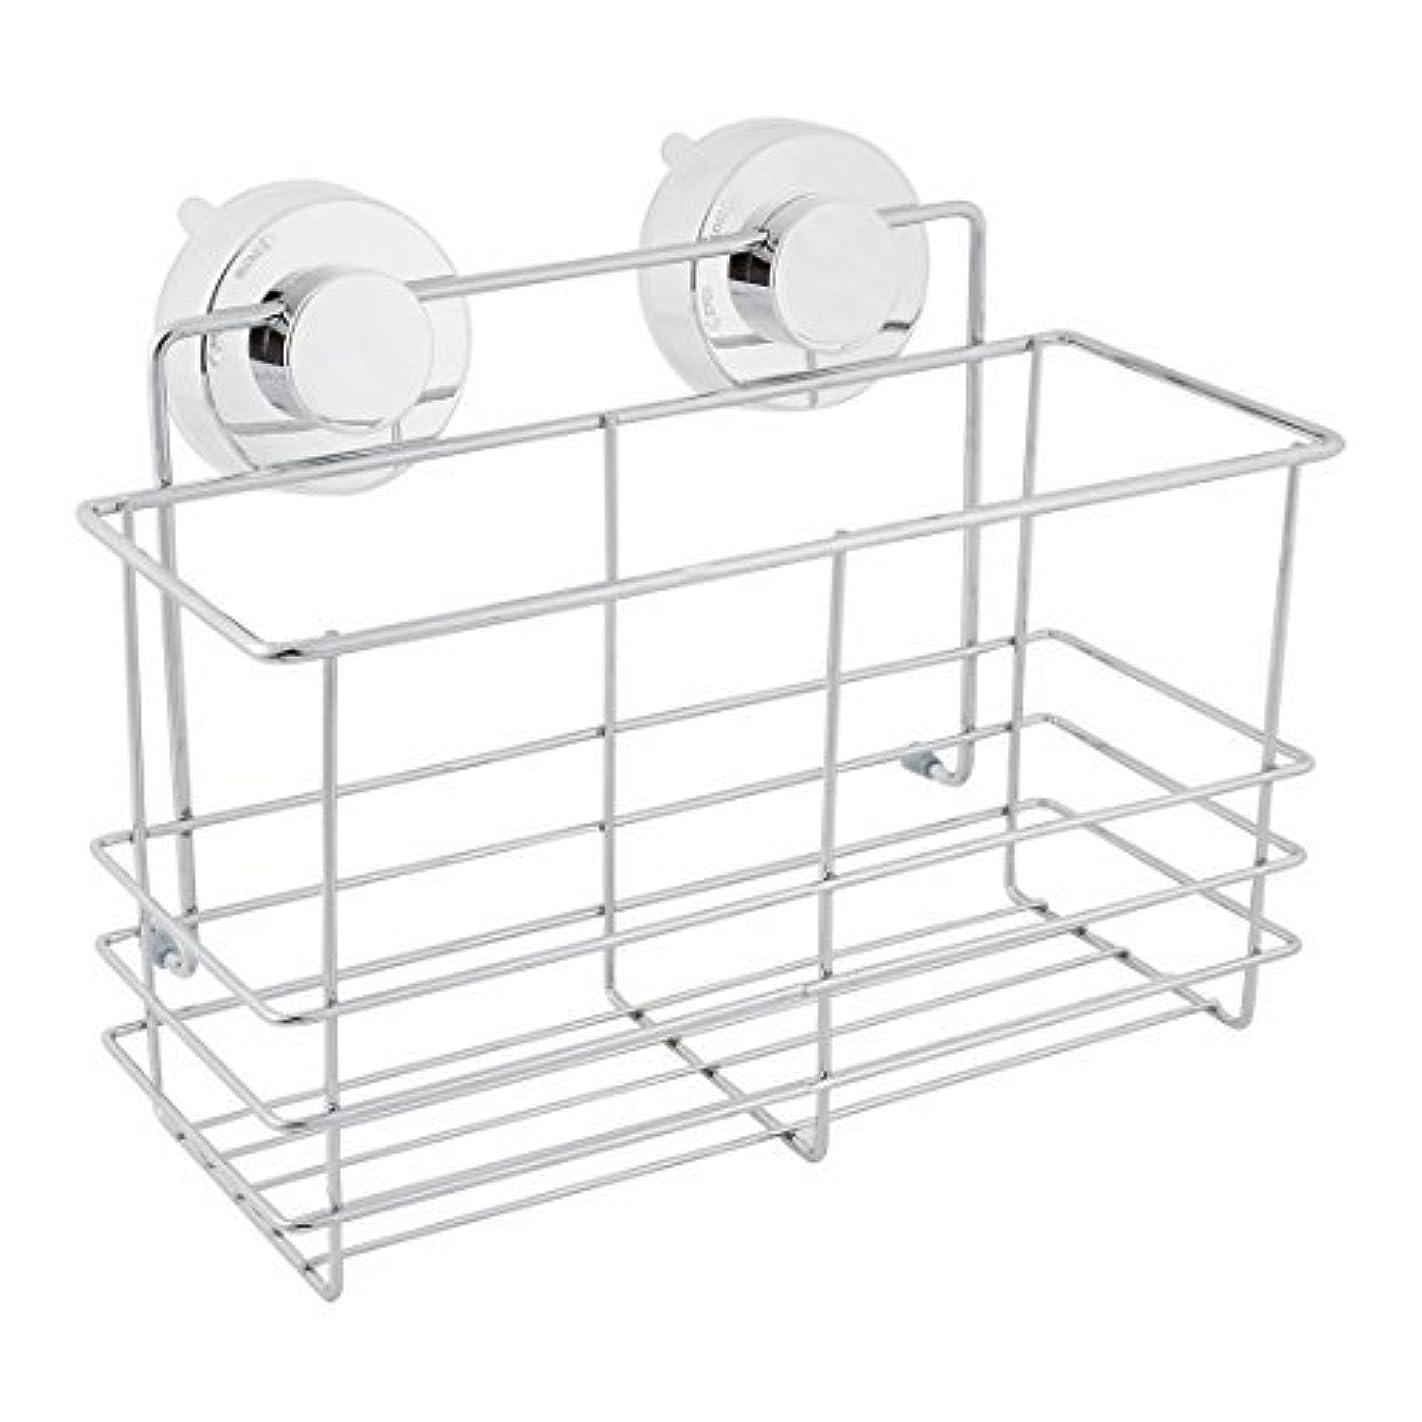 クローン味わうパン屋DealMux浴室スペースセーバーサクションカップのストレージシェルフホルダーラックオーガナイザー